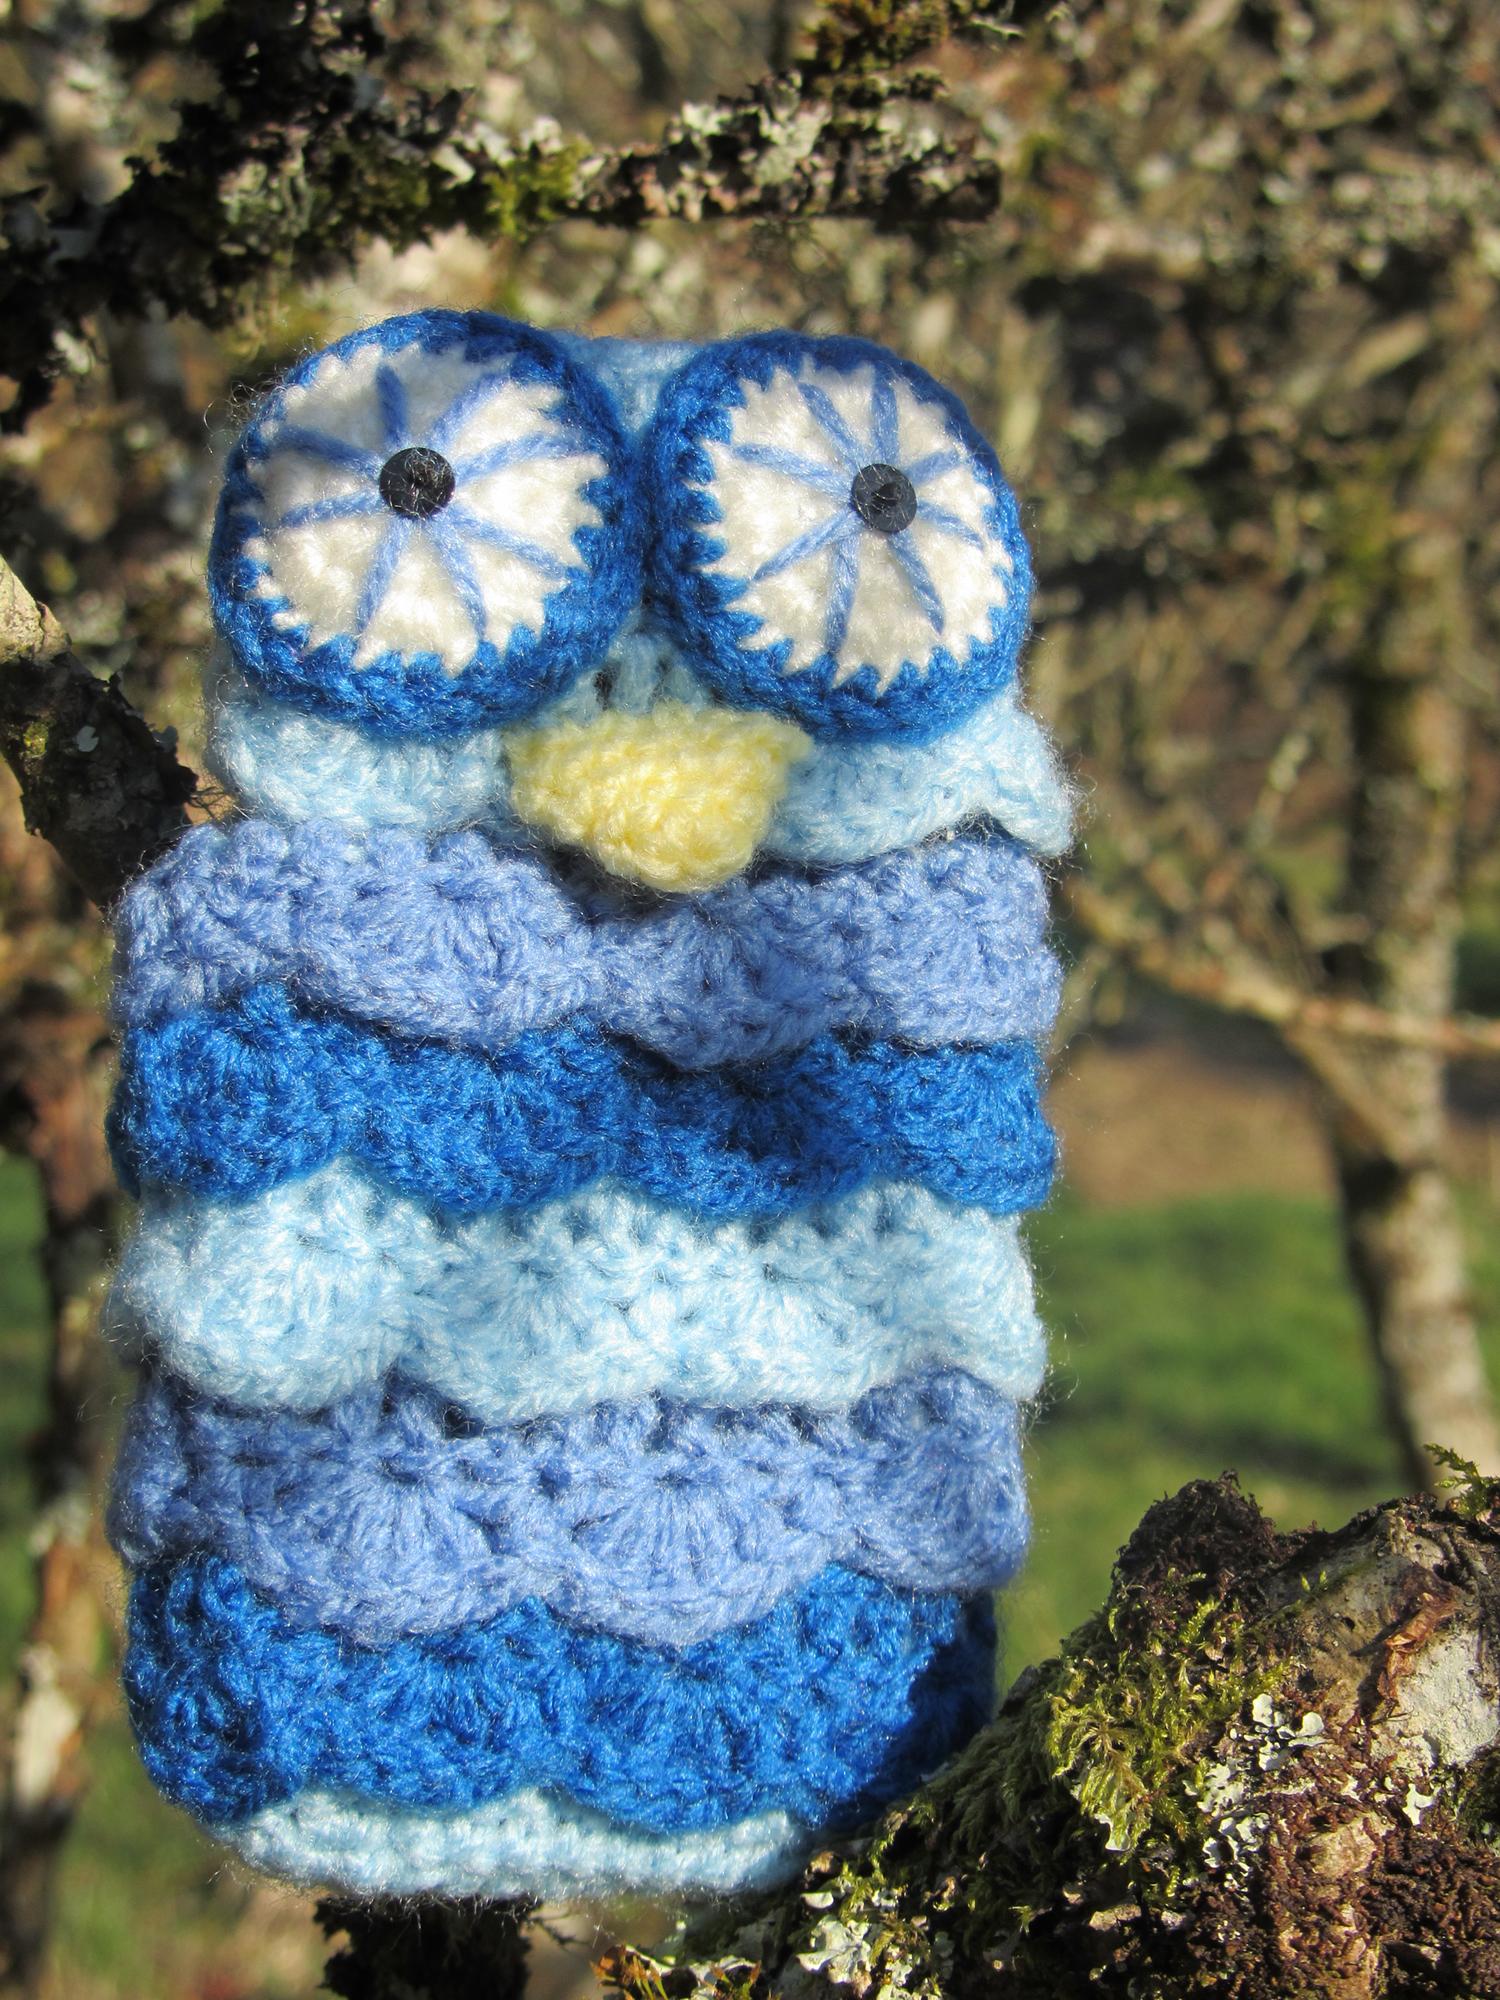 Blue Owl iphone case  - Hibou laine bleu étui téléphone